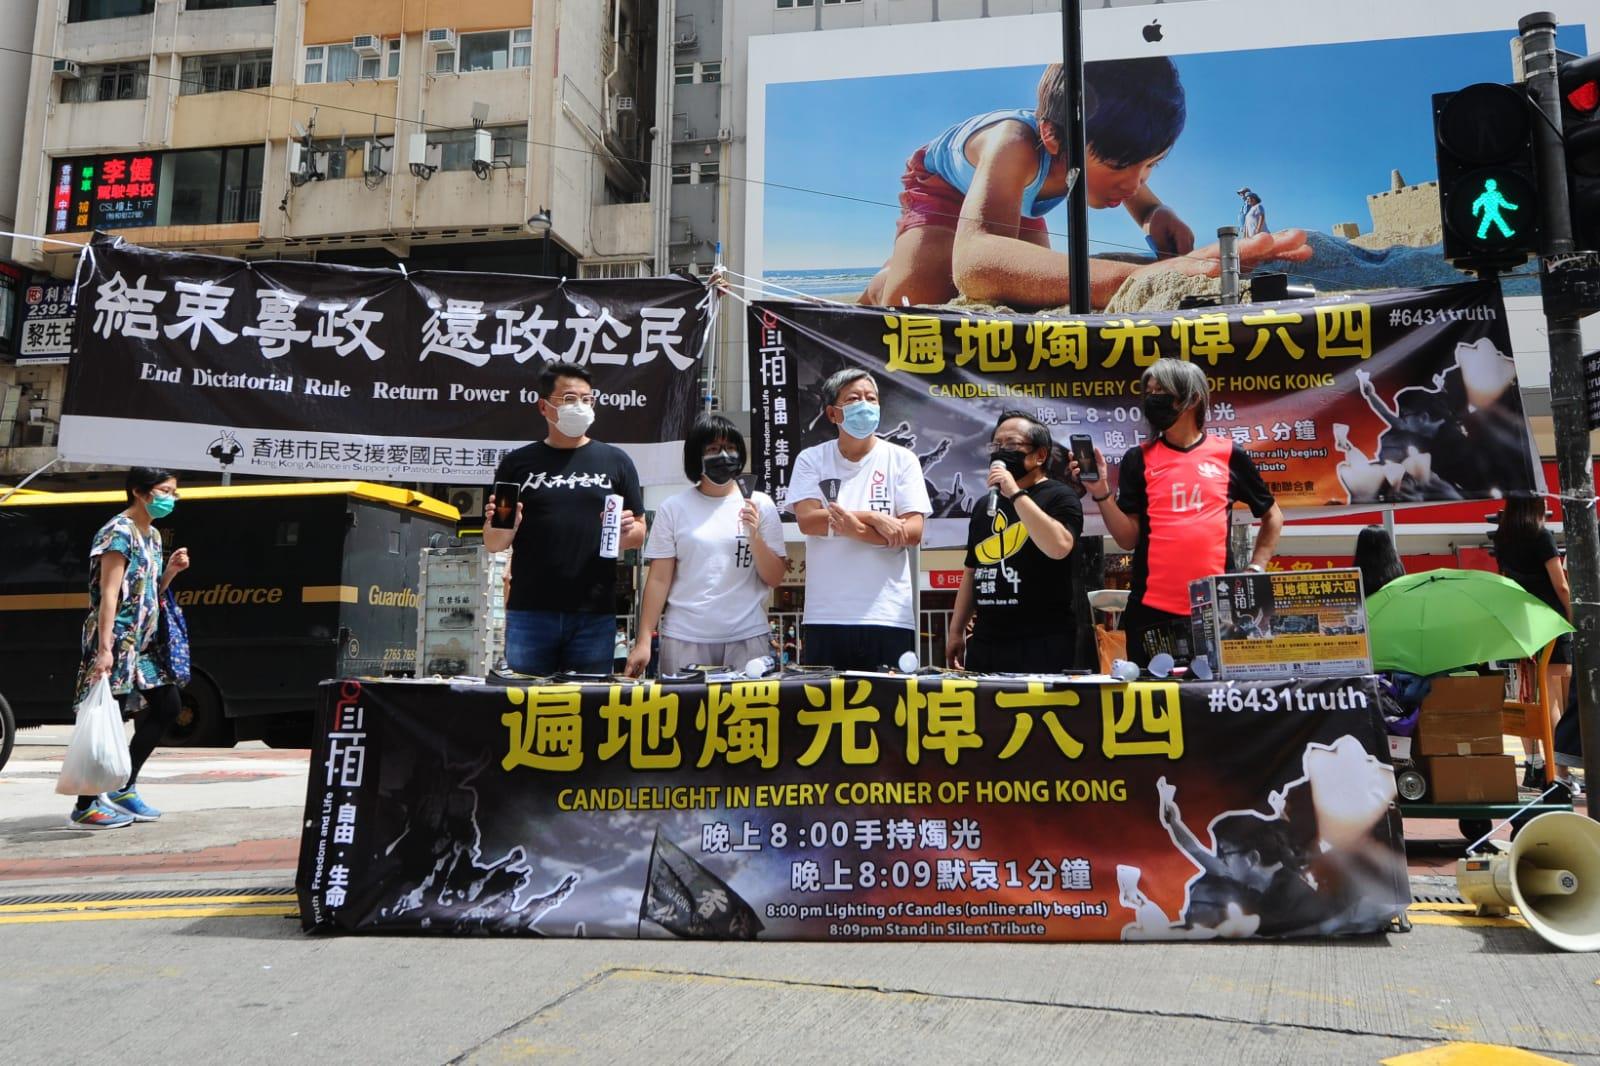 在89六四30周年之際,支聯會今日(5月31日)舉行「遍地開花街站悼念六四」活動,為即將到來的六四紀念日集會進行宣傳和熱身。由於香港警方尚未交代是否會禁止6月4日在維園舉行的紀念集會,因此支聯會準備了預備方案,希望讓六四紀念延續下去。支聯會「結束一黨專政」的口號已經喊了30多年,甚至支聯會的成員都將成為《國安法》的目標人物,但是他們絕不會因此而退縮。(宋碧龍 / 大紀元)